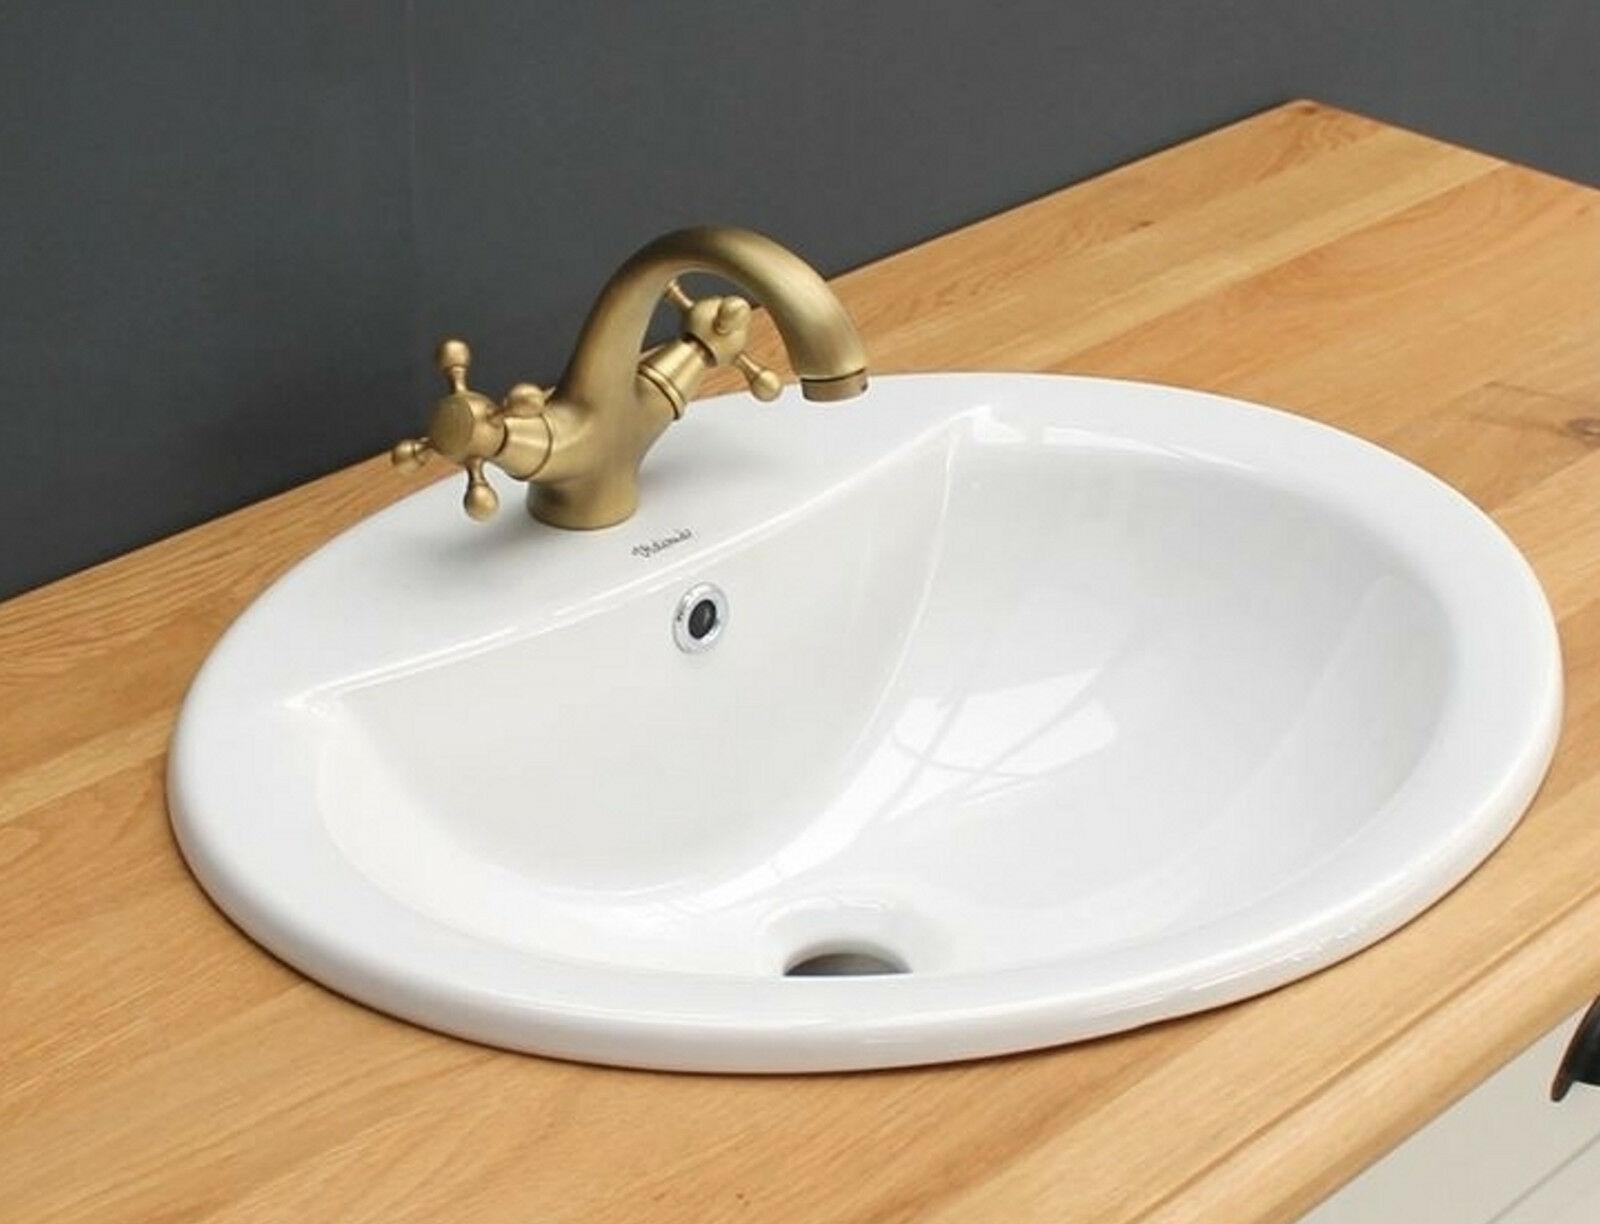 Einbauwaschbecken Waschbecken oval aus Qualitäts